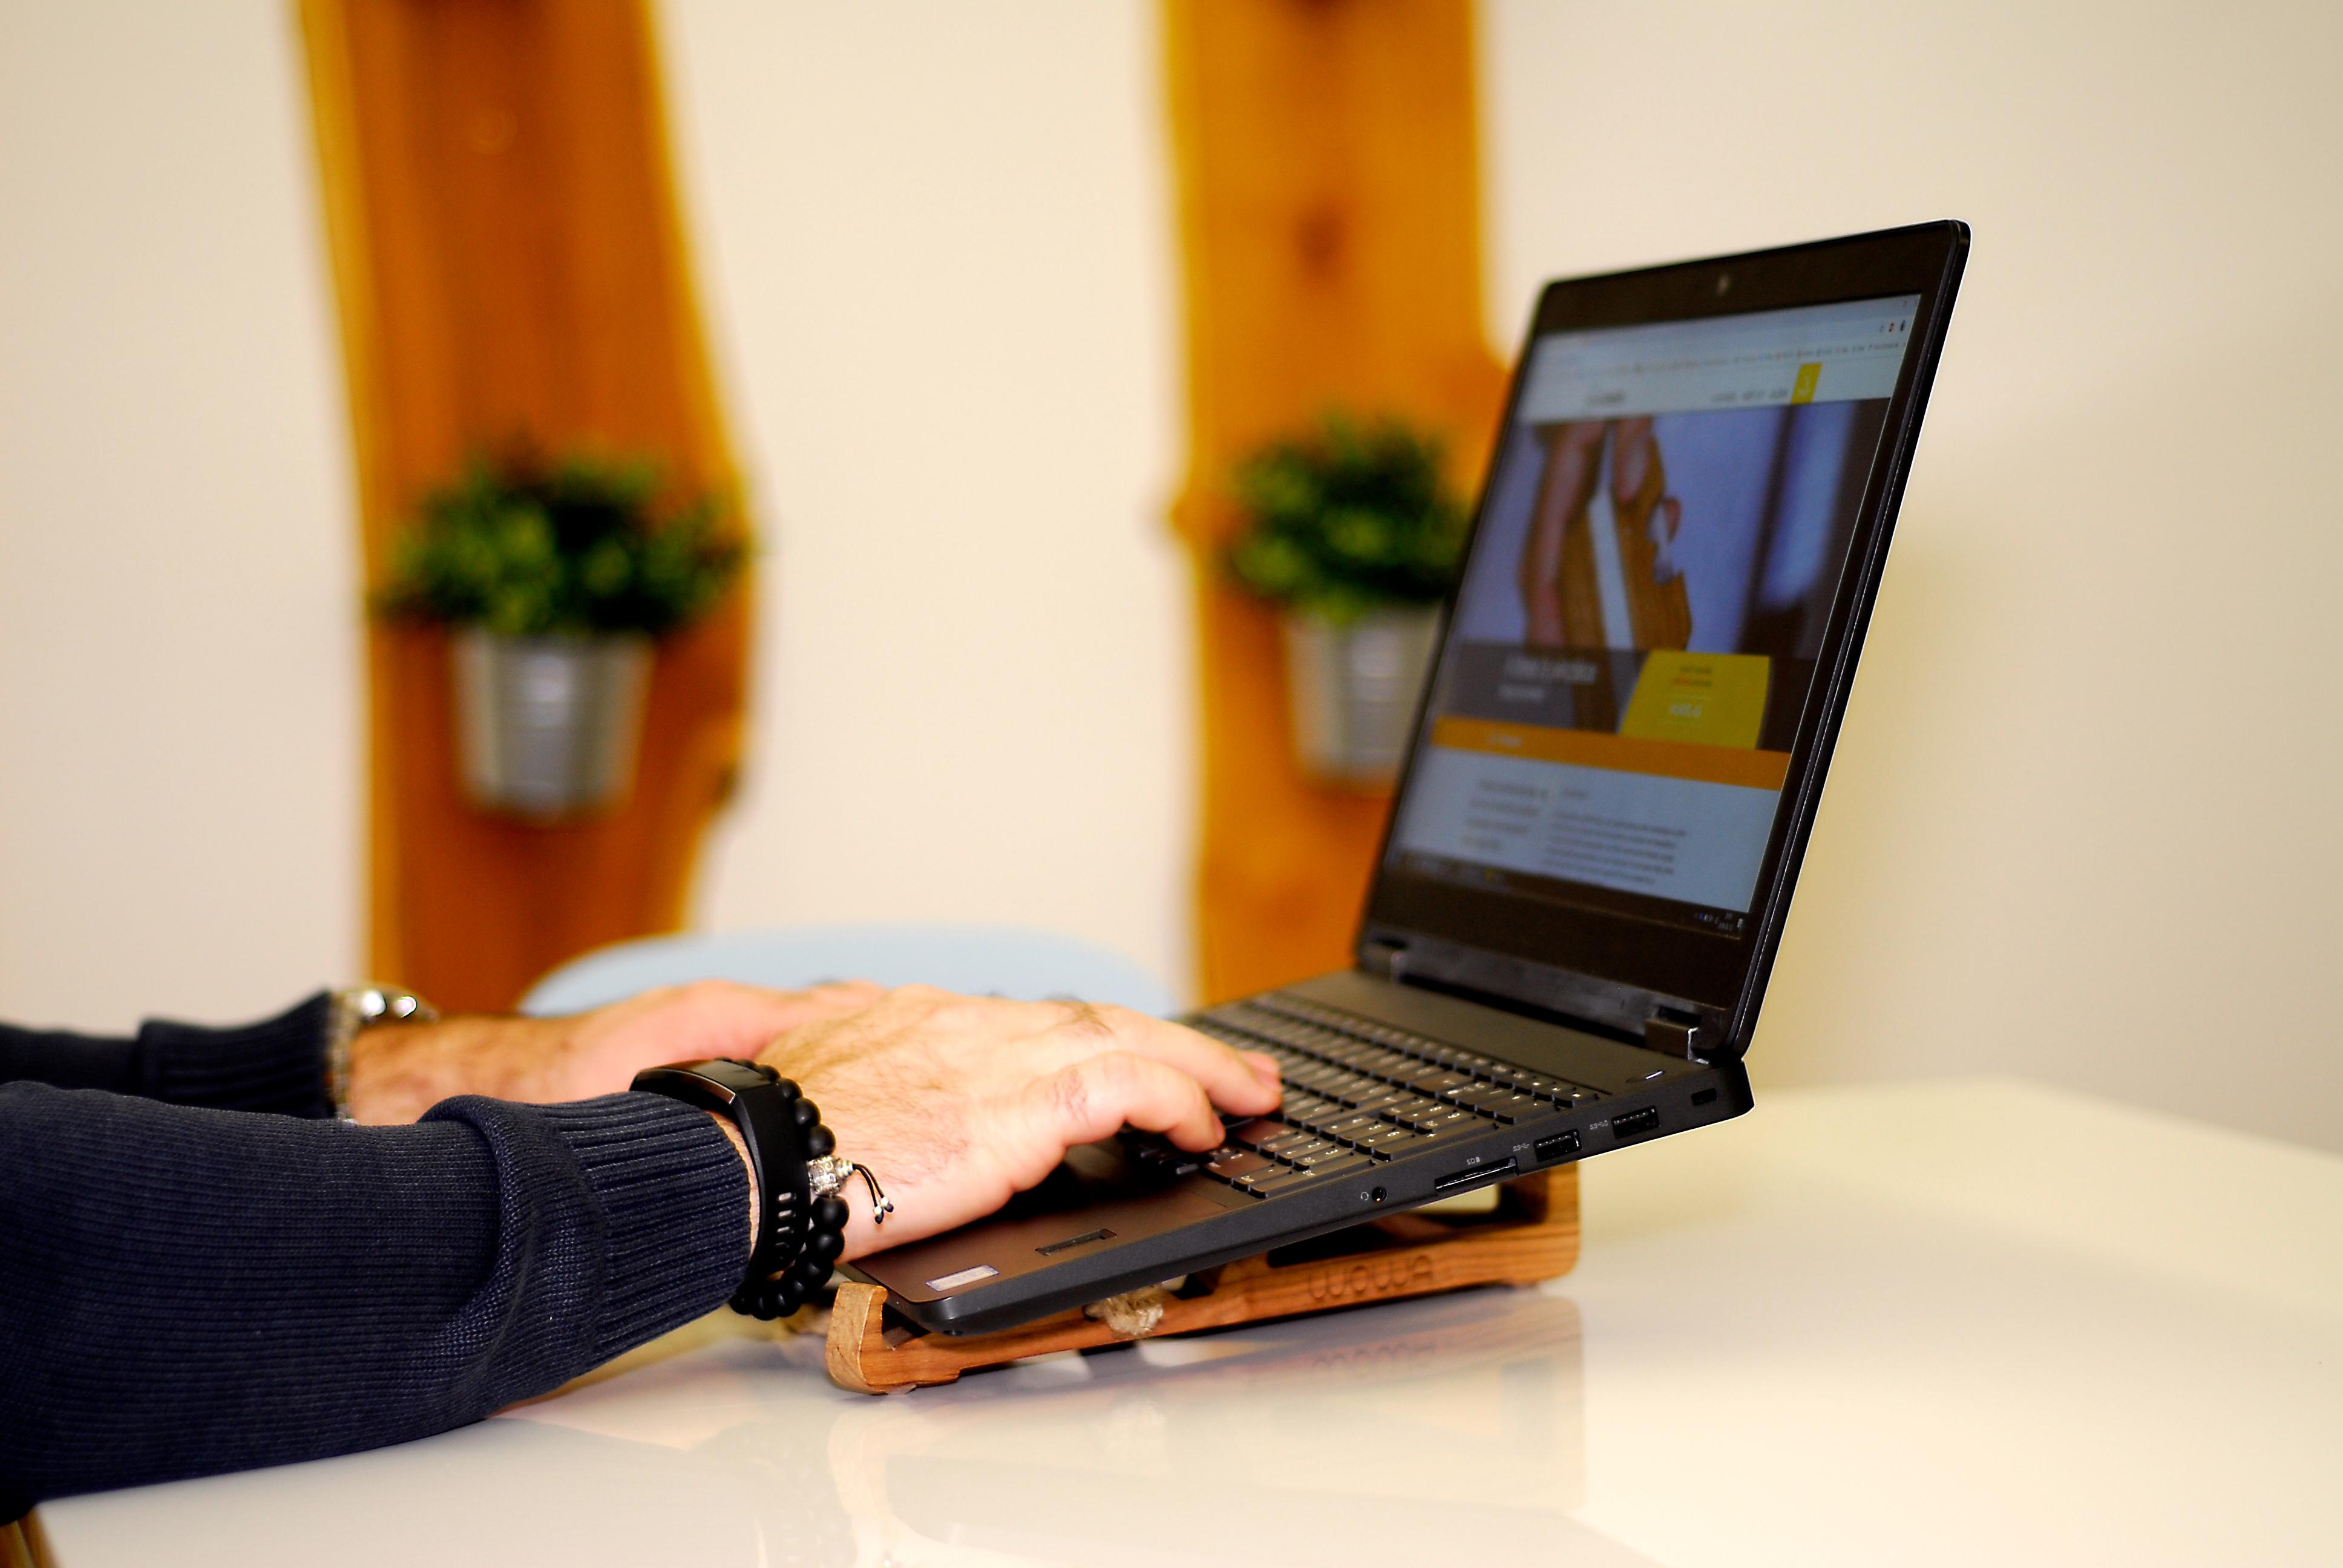 WOWA Laptop tartó, termékfotó 1